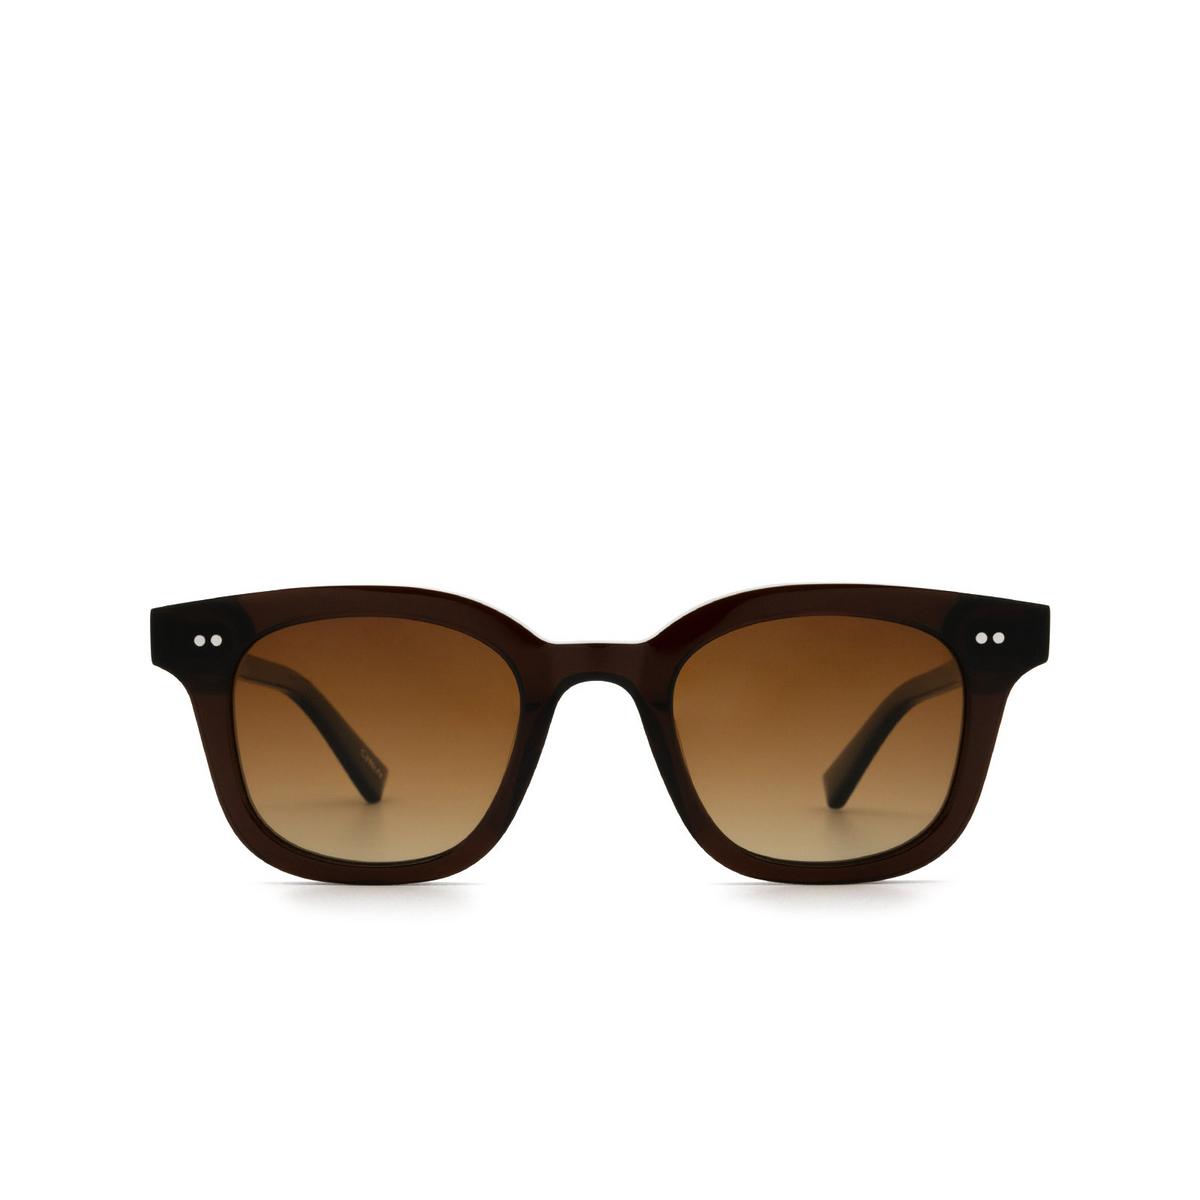 Chimi® Square Sunglasses: 02 color Brown.